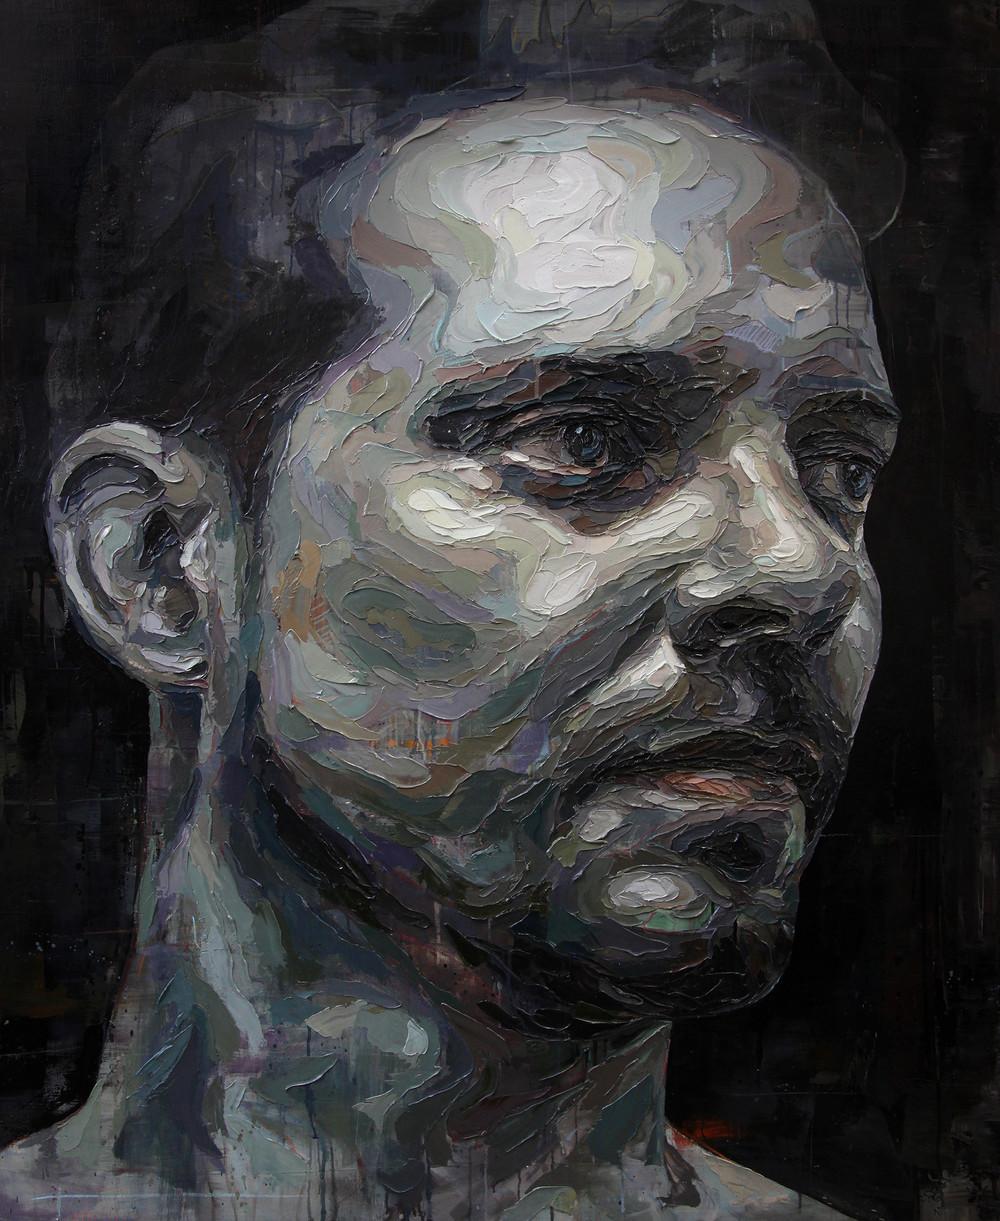 Joshua Miels, Omega, 2016